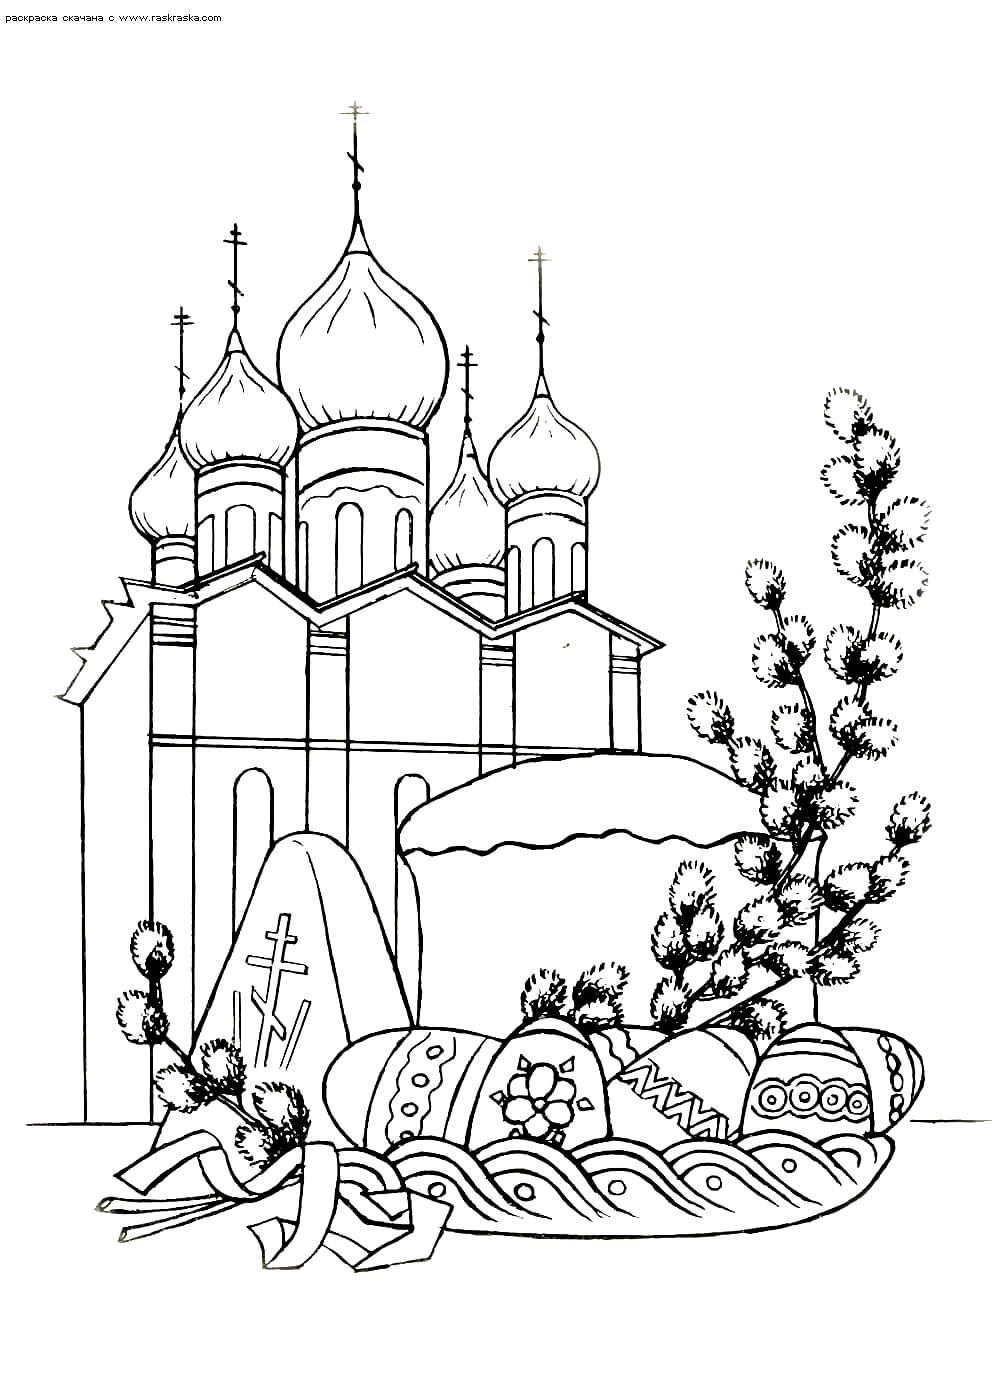 Раскраска Праздник Пасхи. Раскраска Верба, вербные ветки, собор, купола, пасха, кулич, крашенные яйца, праздник пасха